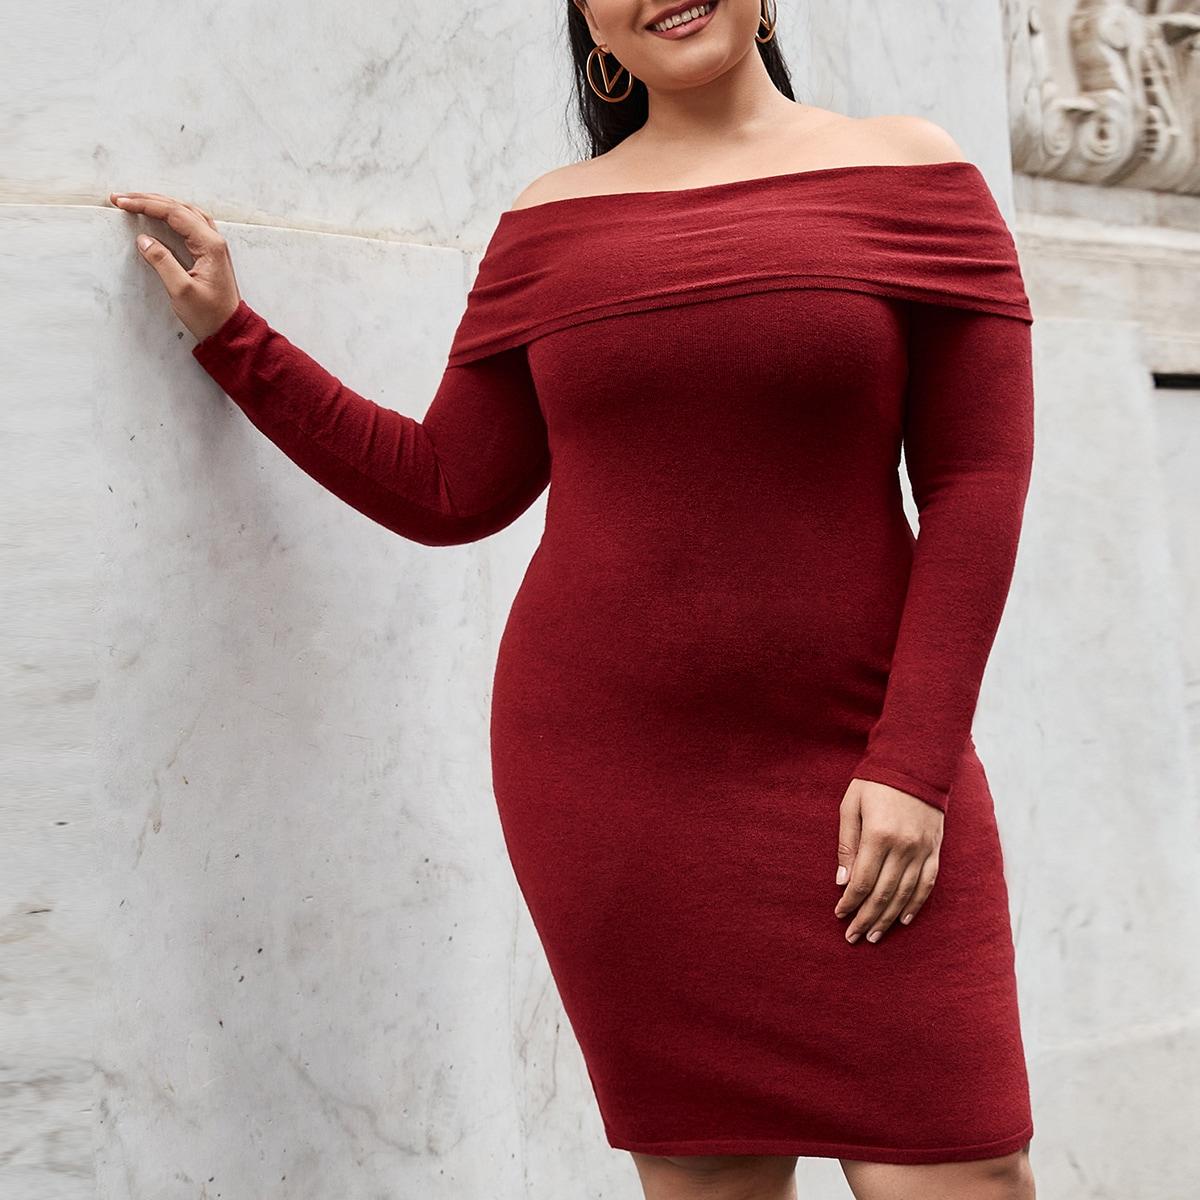 Однотонное облегающее платье размера плюс с открытыми плечами